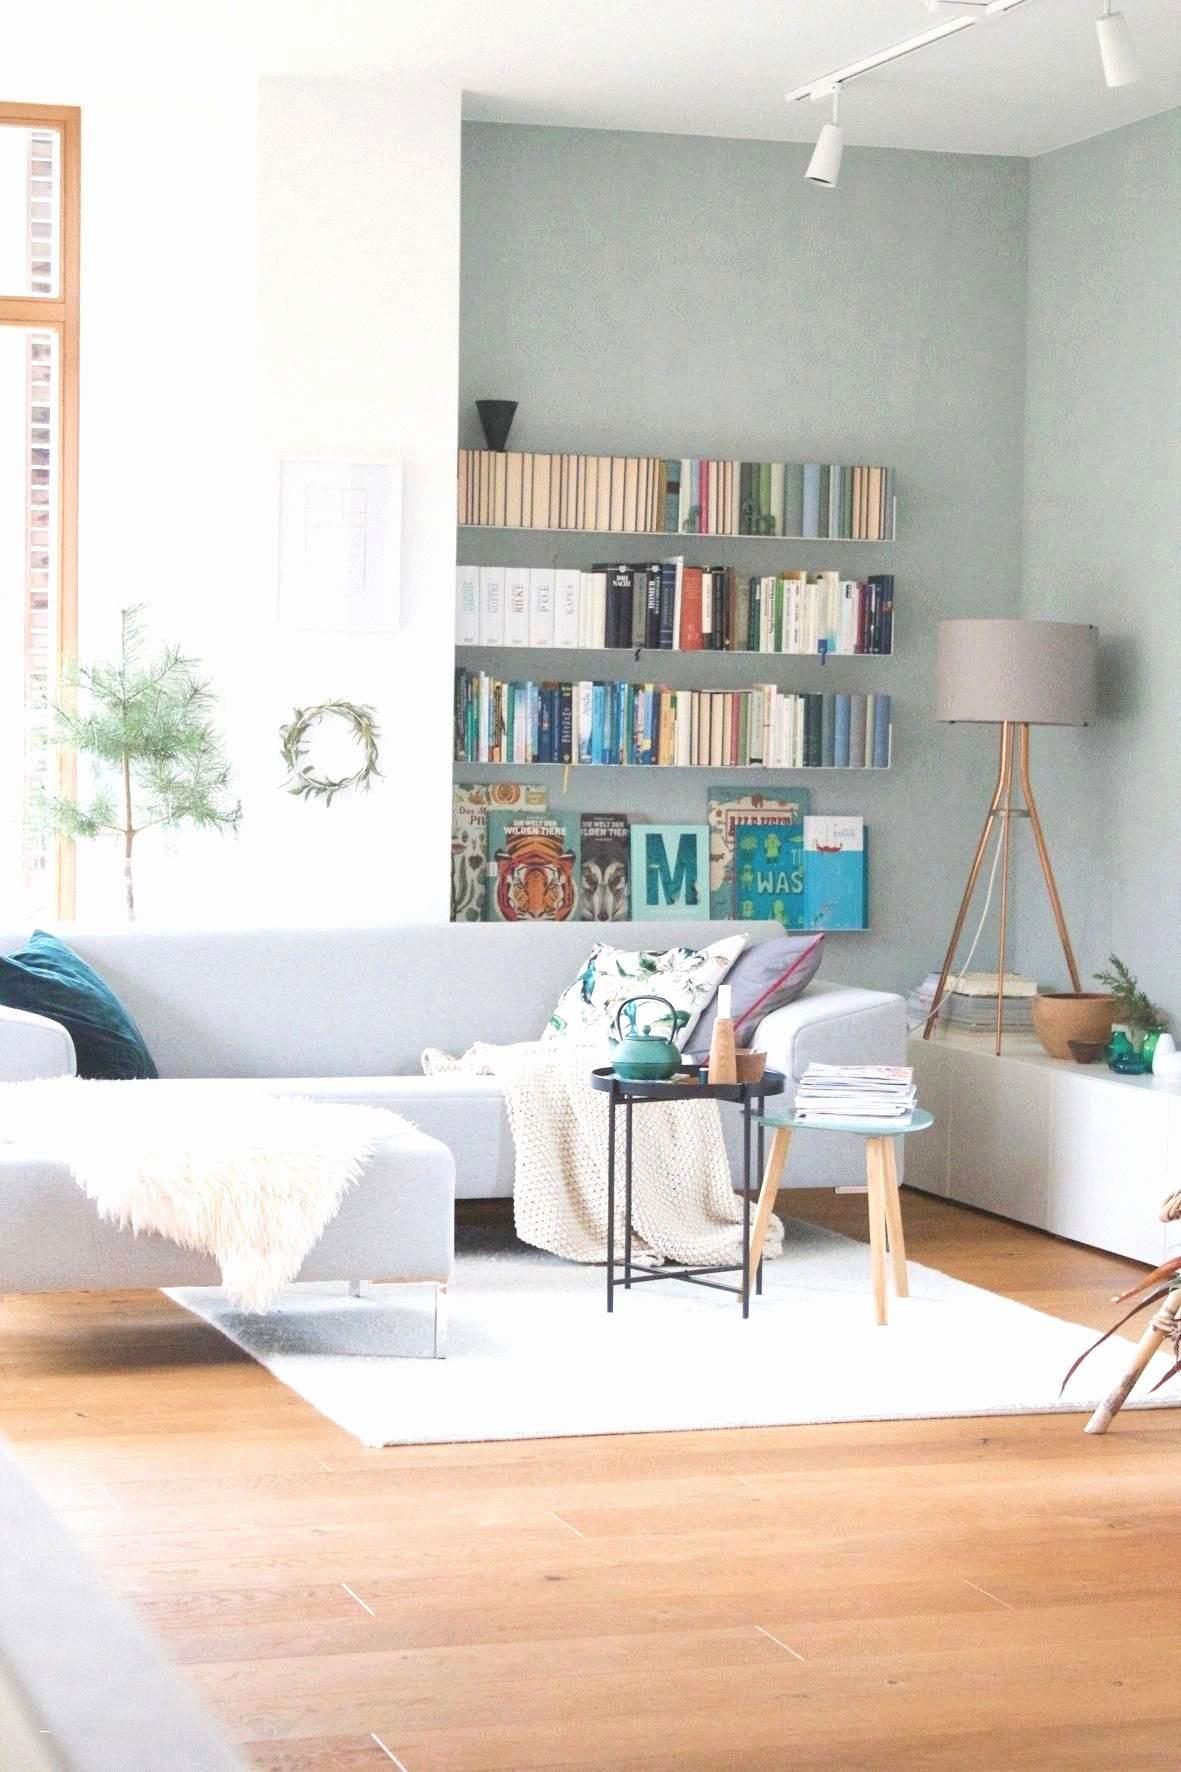 Full Size of Deckenspots Wohnzimmer Genial 33 Luxus Beige Frisch Beleuchtung Heizkörper Sideboard Led Decken Deckenlampe Schrankwand Hängeleuchte Bilder Modern Tapeten Wohnzimmer Deckenspots Wohnzimmer